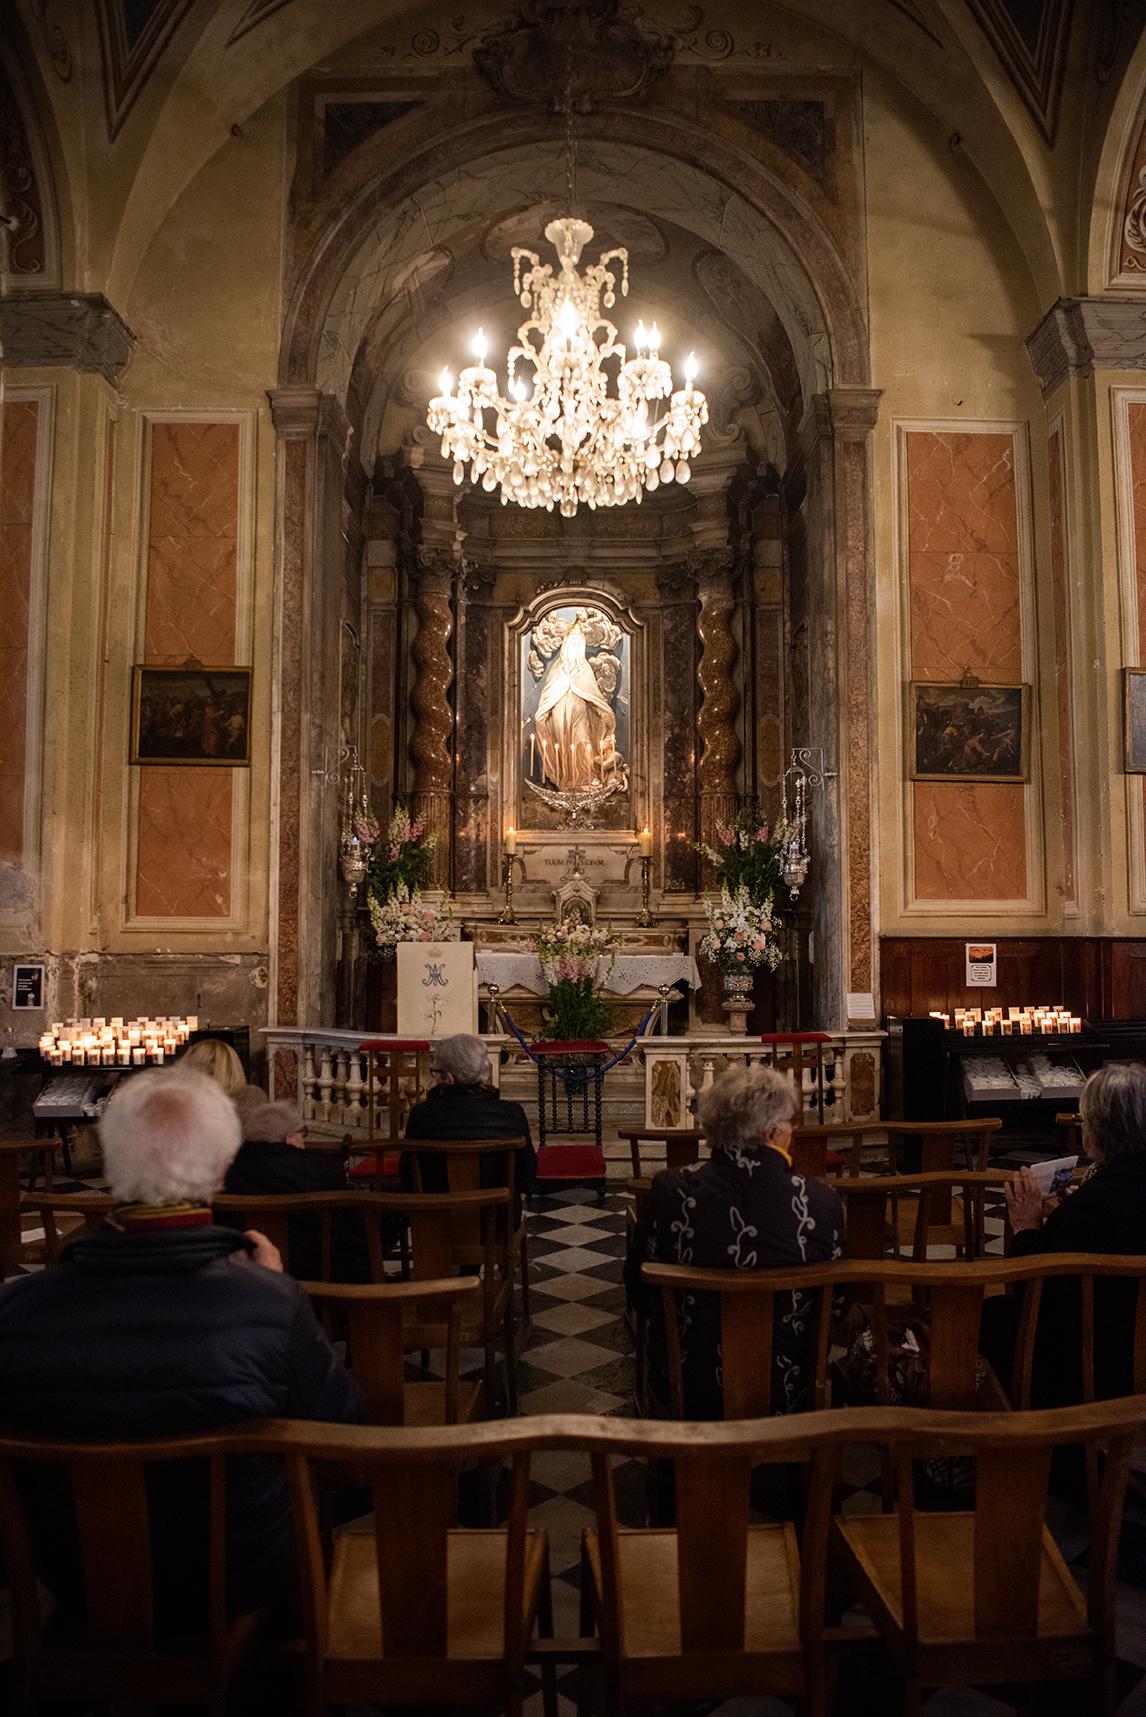 Chaque soir depuis lundi 9 mars, des fidèles prient Notre Dame de la Miséricorde devant l'autel qui lui est consacré (Photos Ville d'Ajaccio).